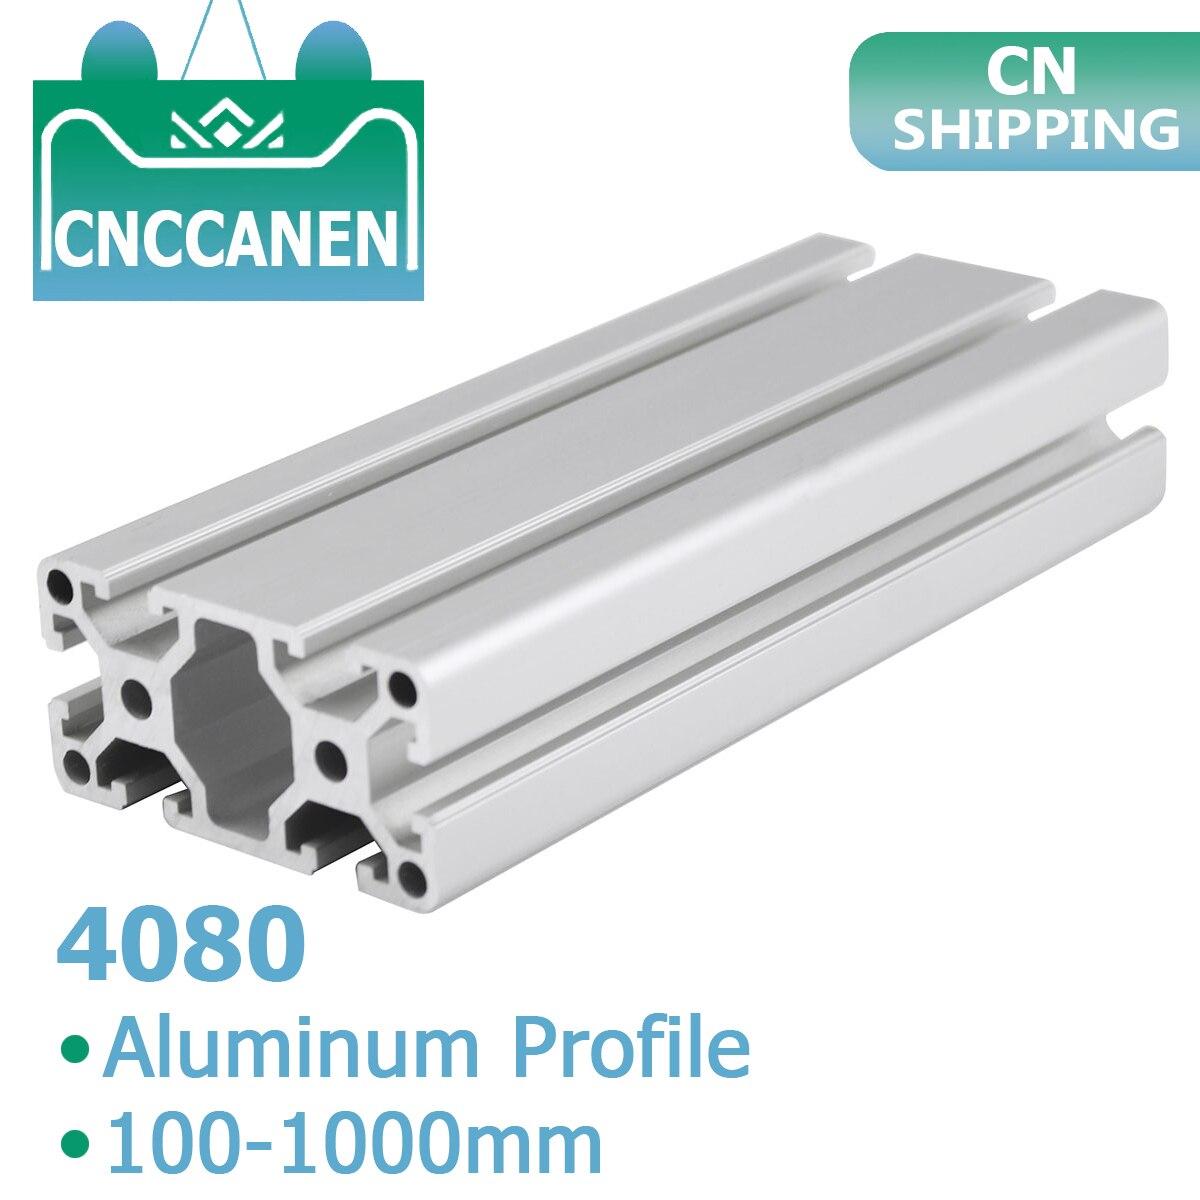 1PC 4080 Aluminum Profile Extrusion 4080 100   1000mm Length European Standard Anodized Linear Rail for DIY CNC 3D Printer Parts|Corner Brackets| |  - title=